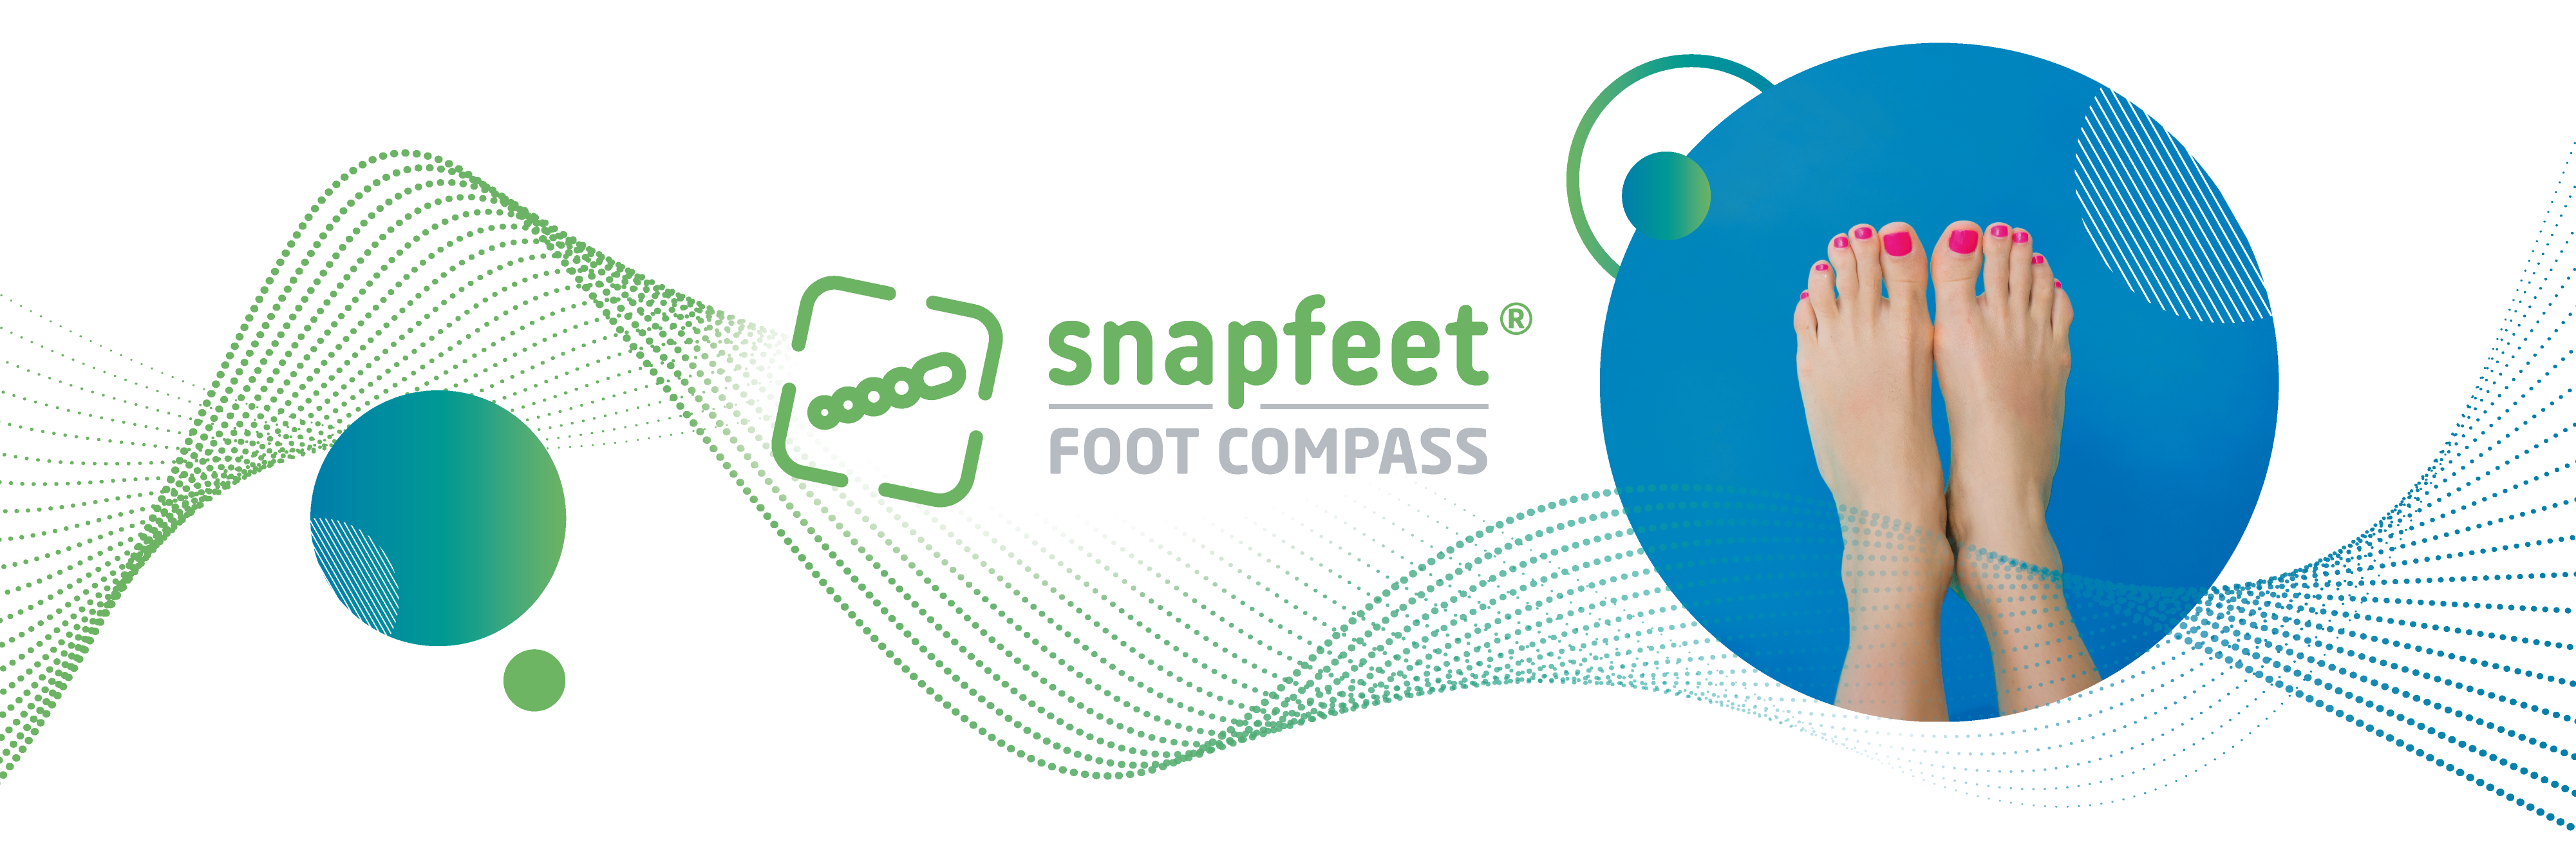 Foot Compass